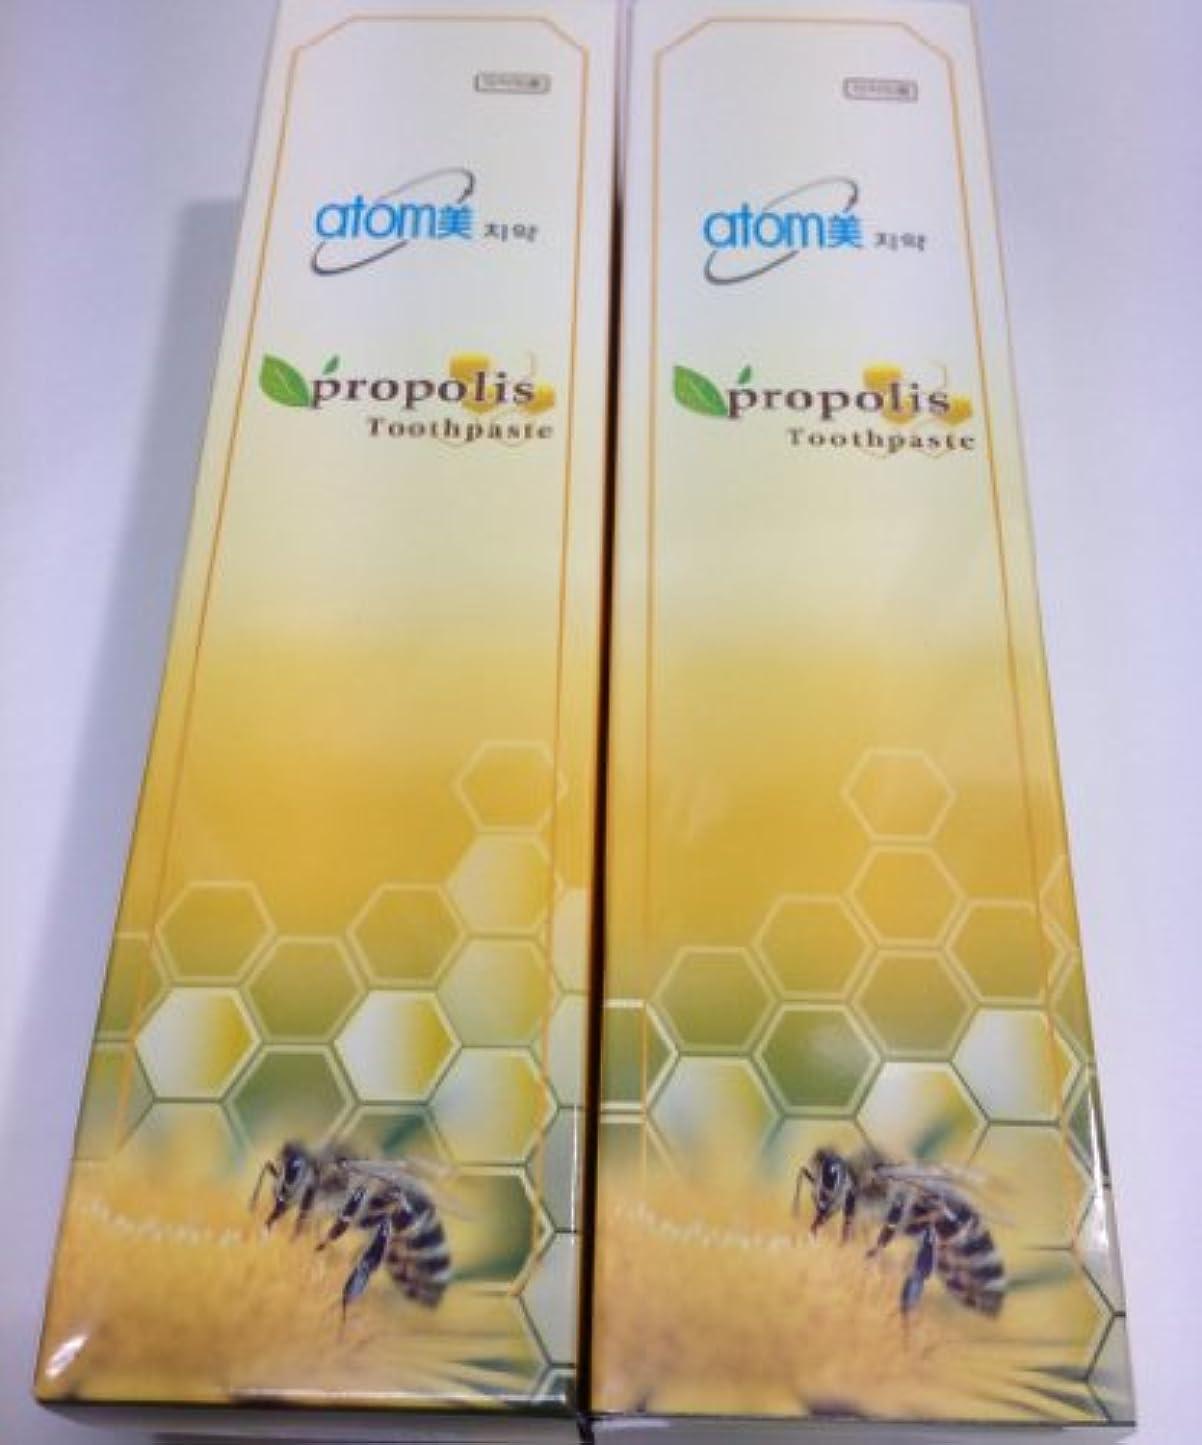 ブラケット貢献信じるアトミ化粧品 アトミ 歯ミガキ (歯磨き粉) 200g 2本セット 並行輸入品